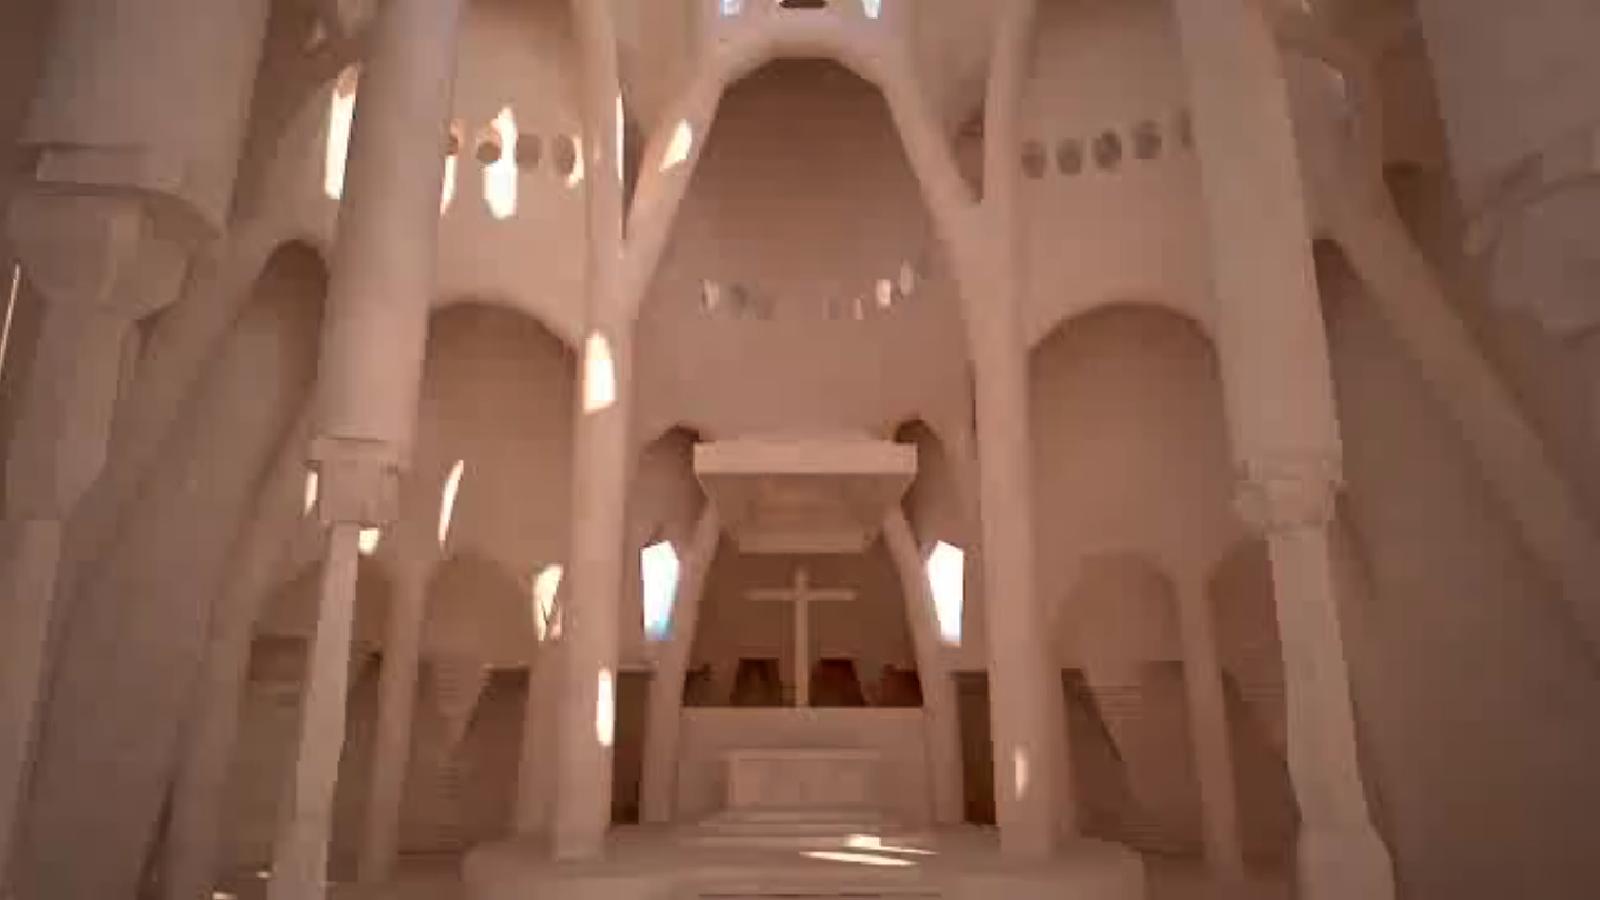 Reconstrucció 3D de com seria l'església de la Colònia Güell